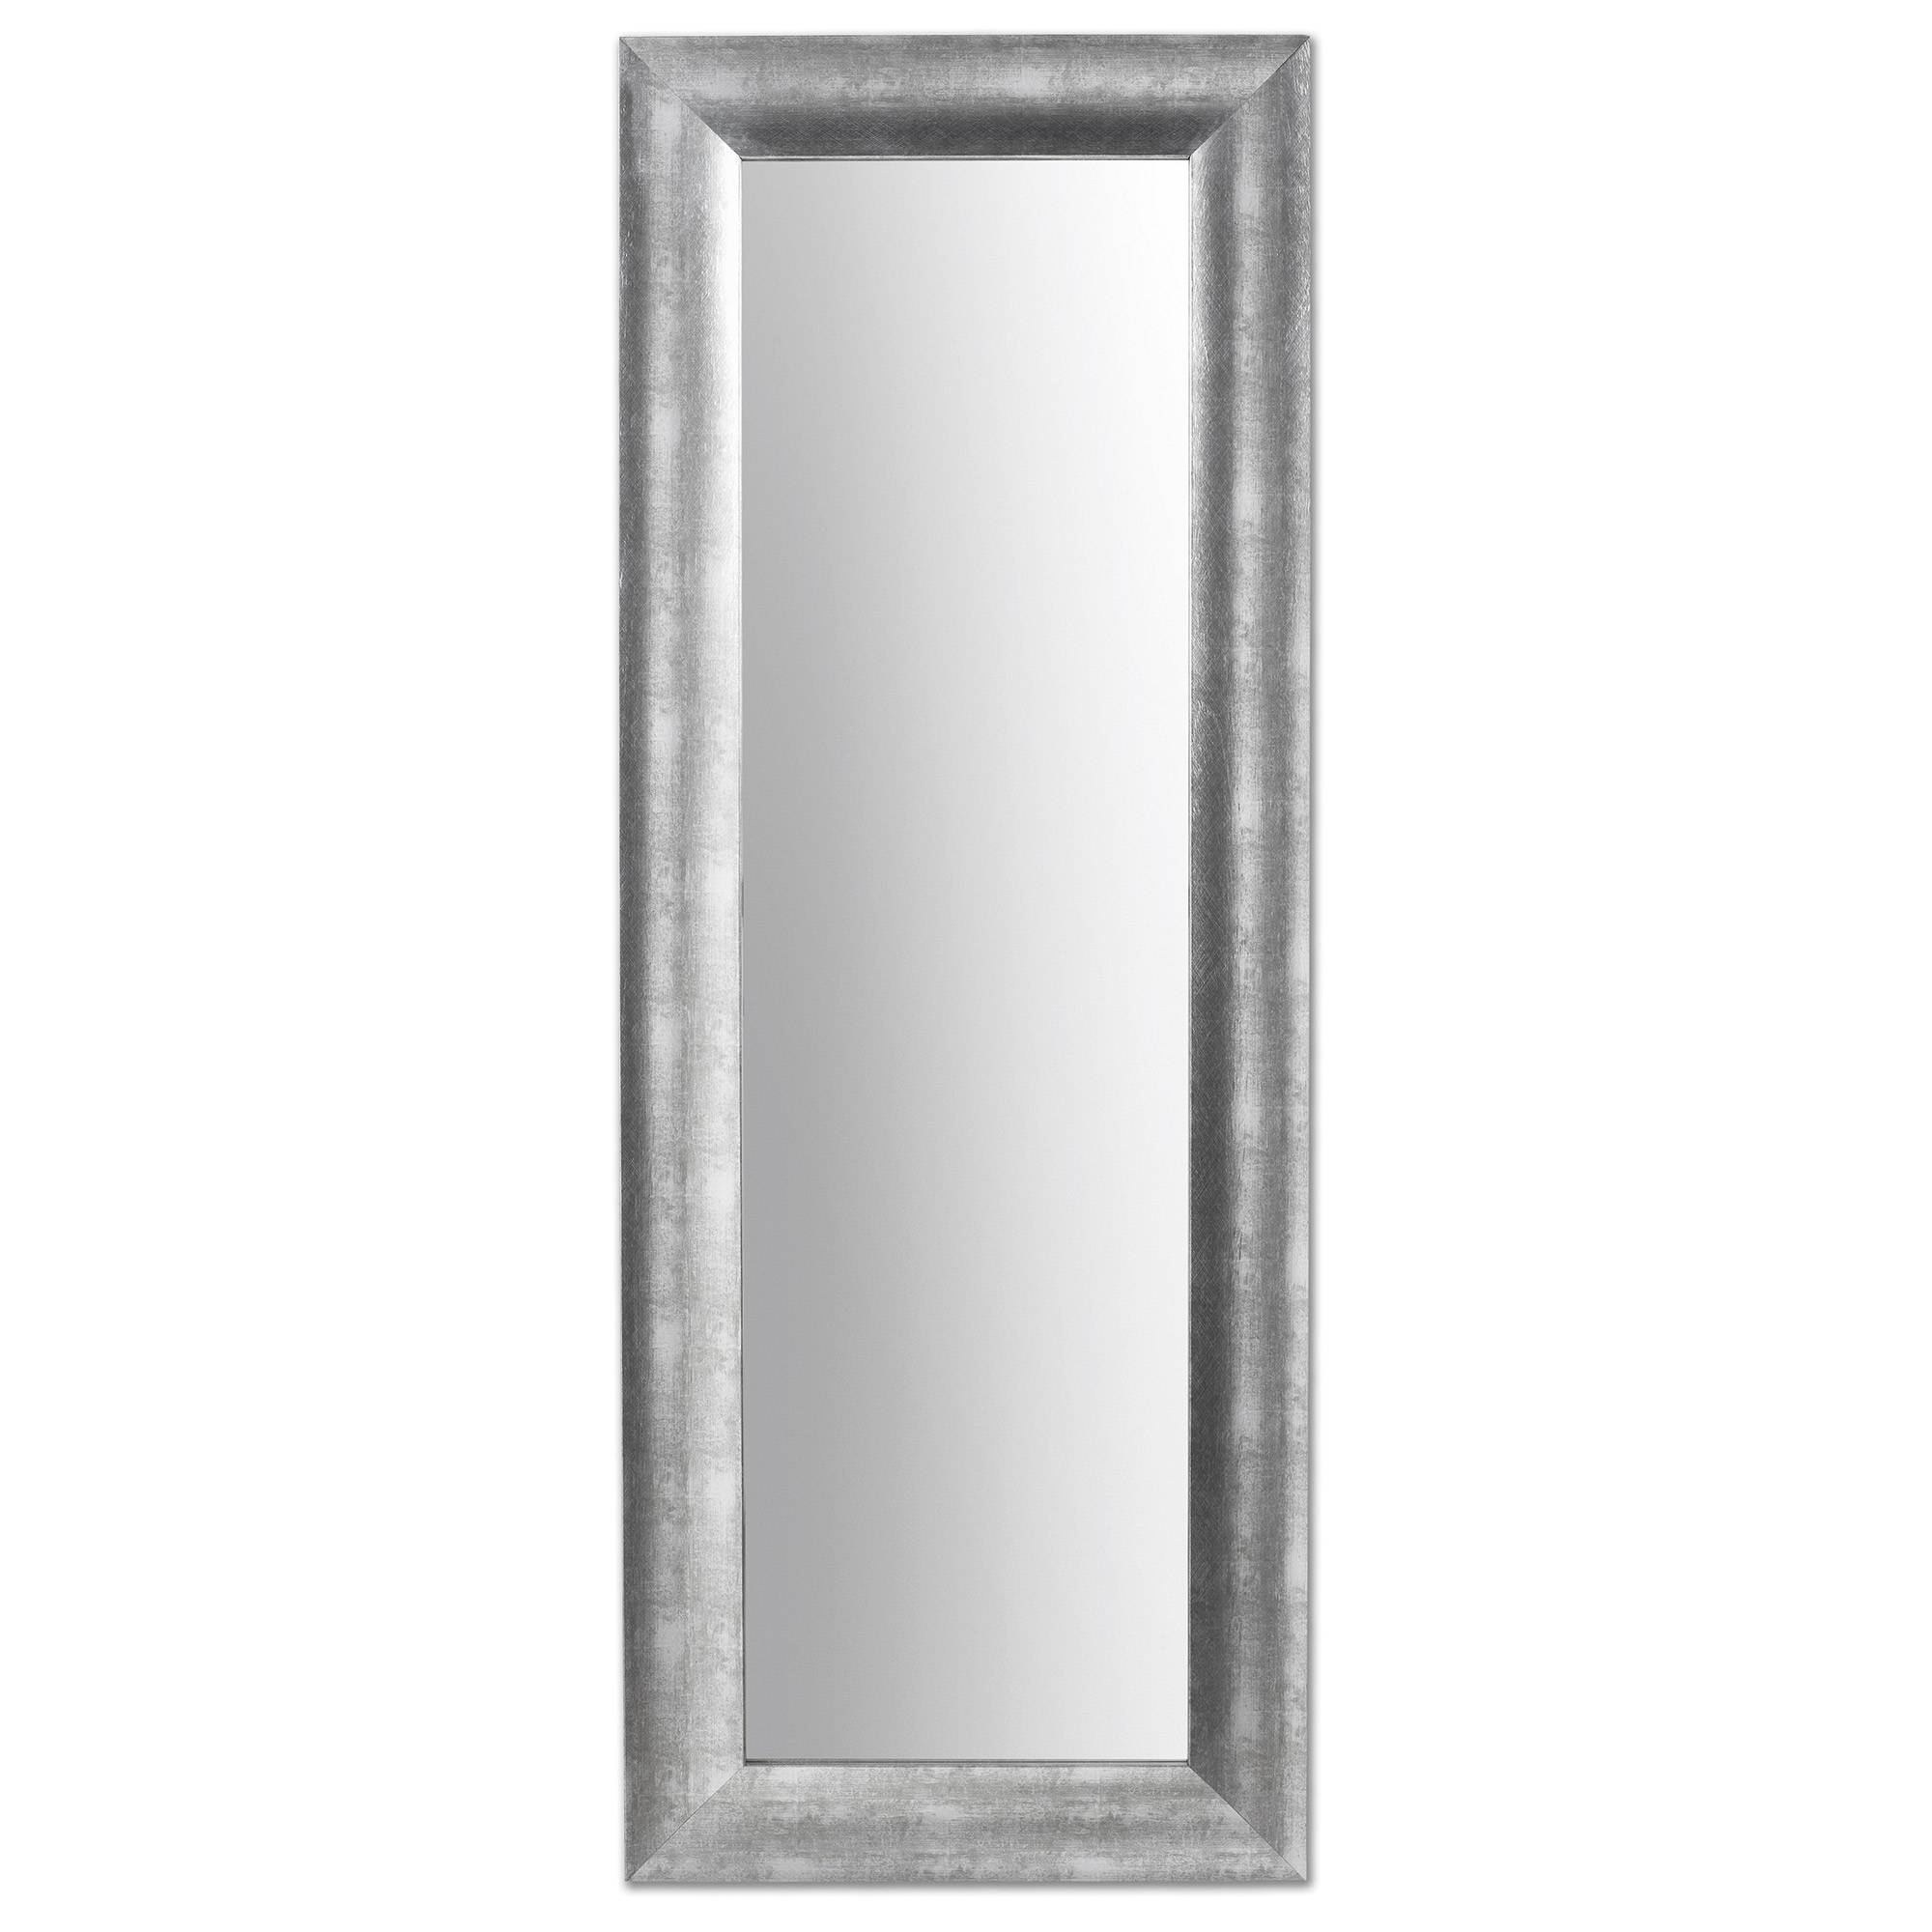 Kave Home Specchio Misty 59 x 159 cm argento